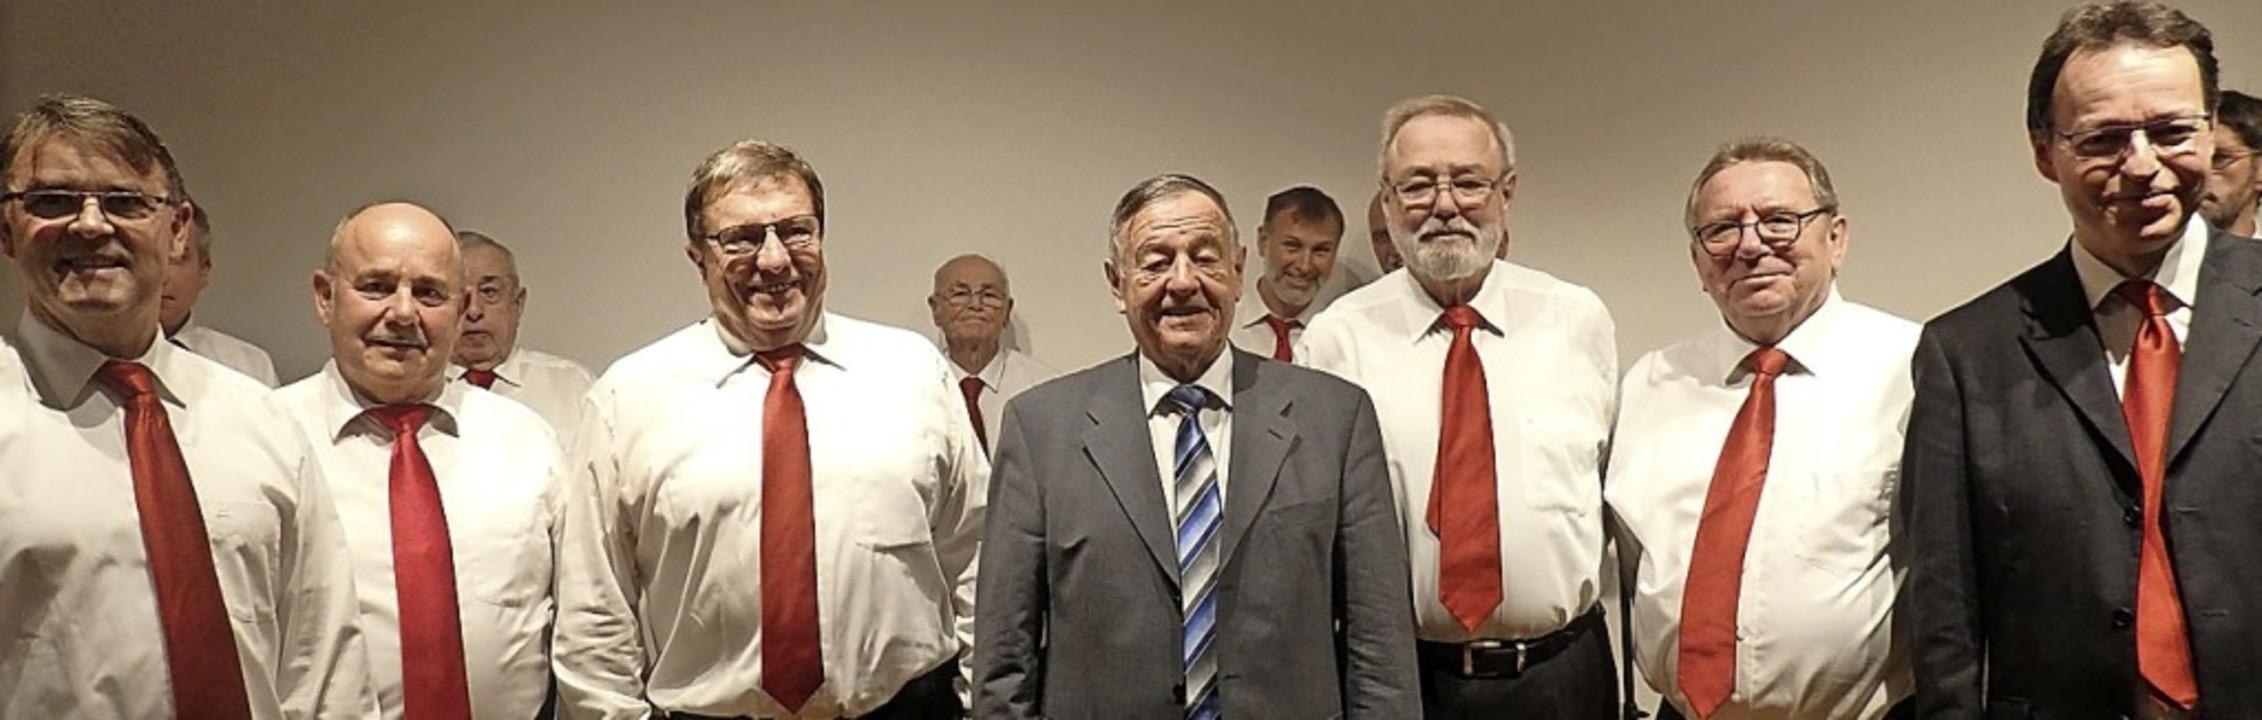 Michael Huber, Günter Schumacher, Helm...land und Horst K. Nonnenmacher  (v.l.)  | Foto: Bianca Flier